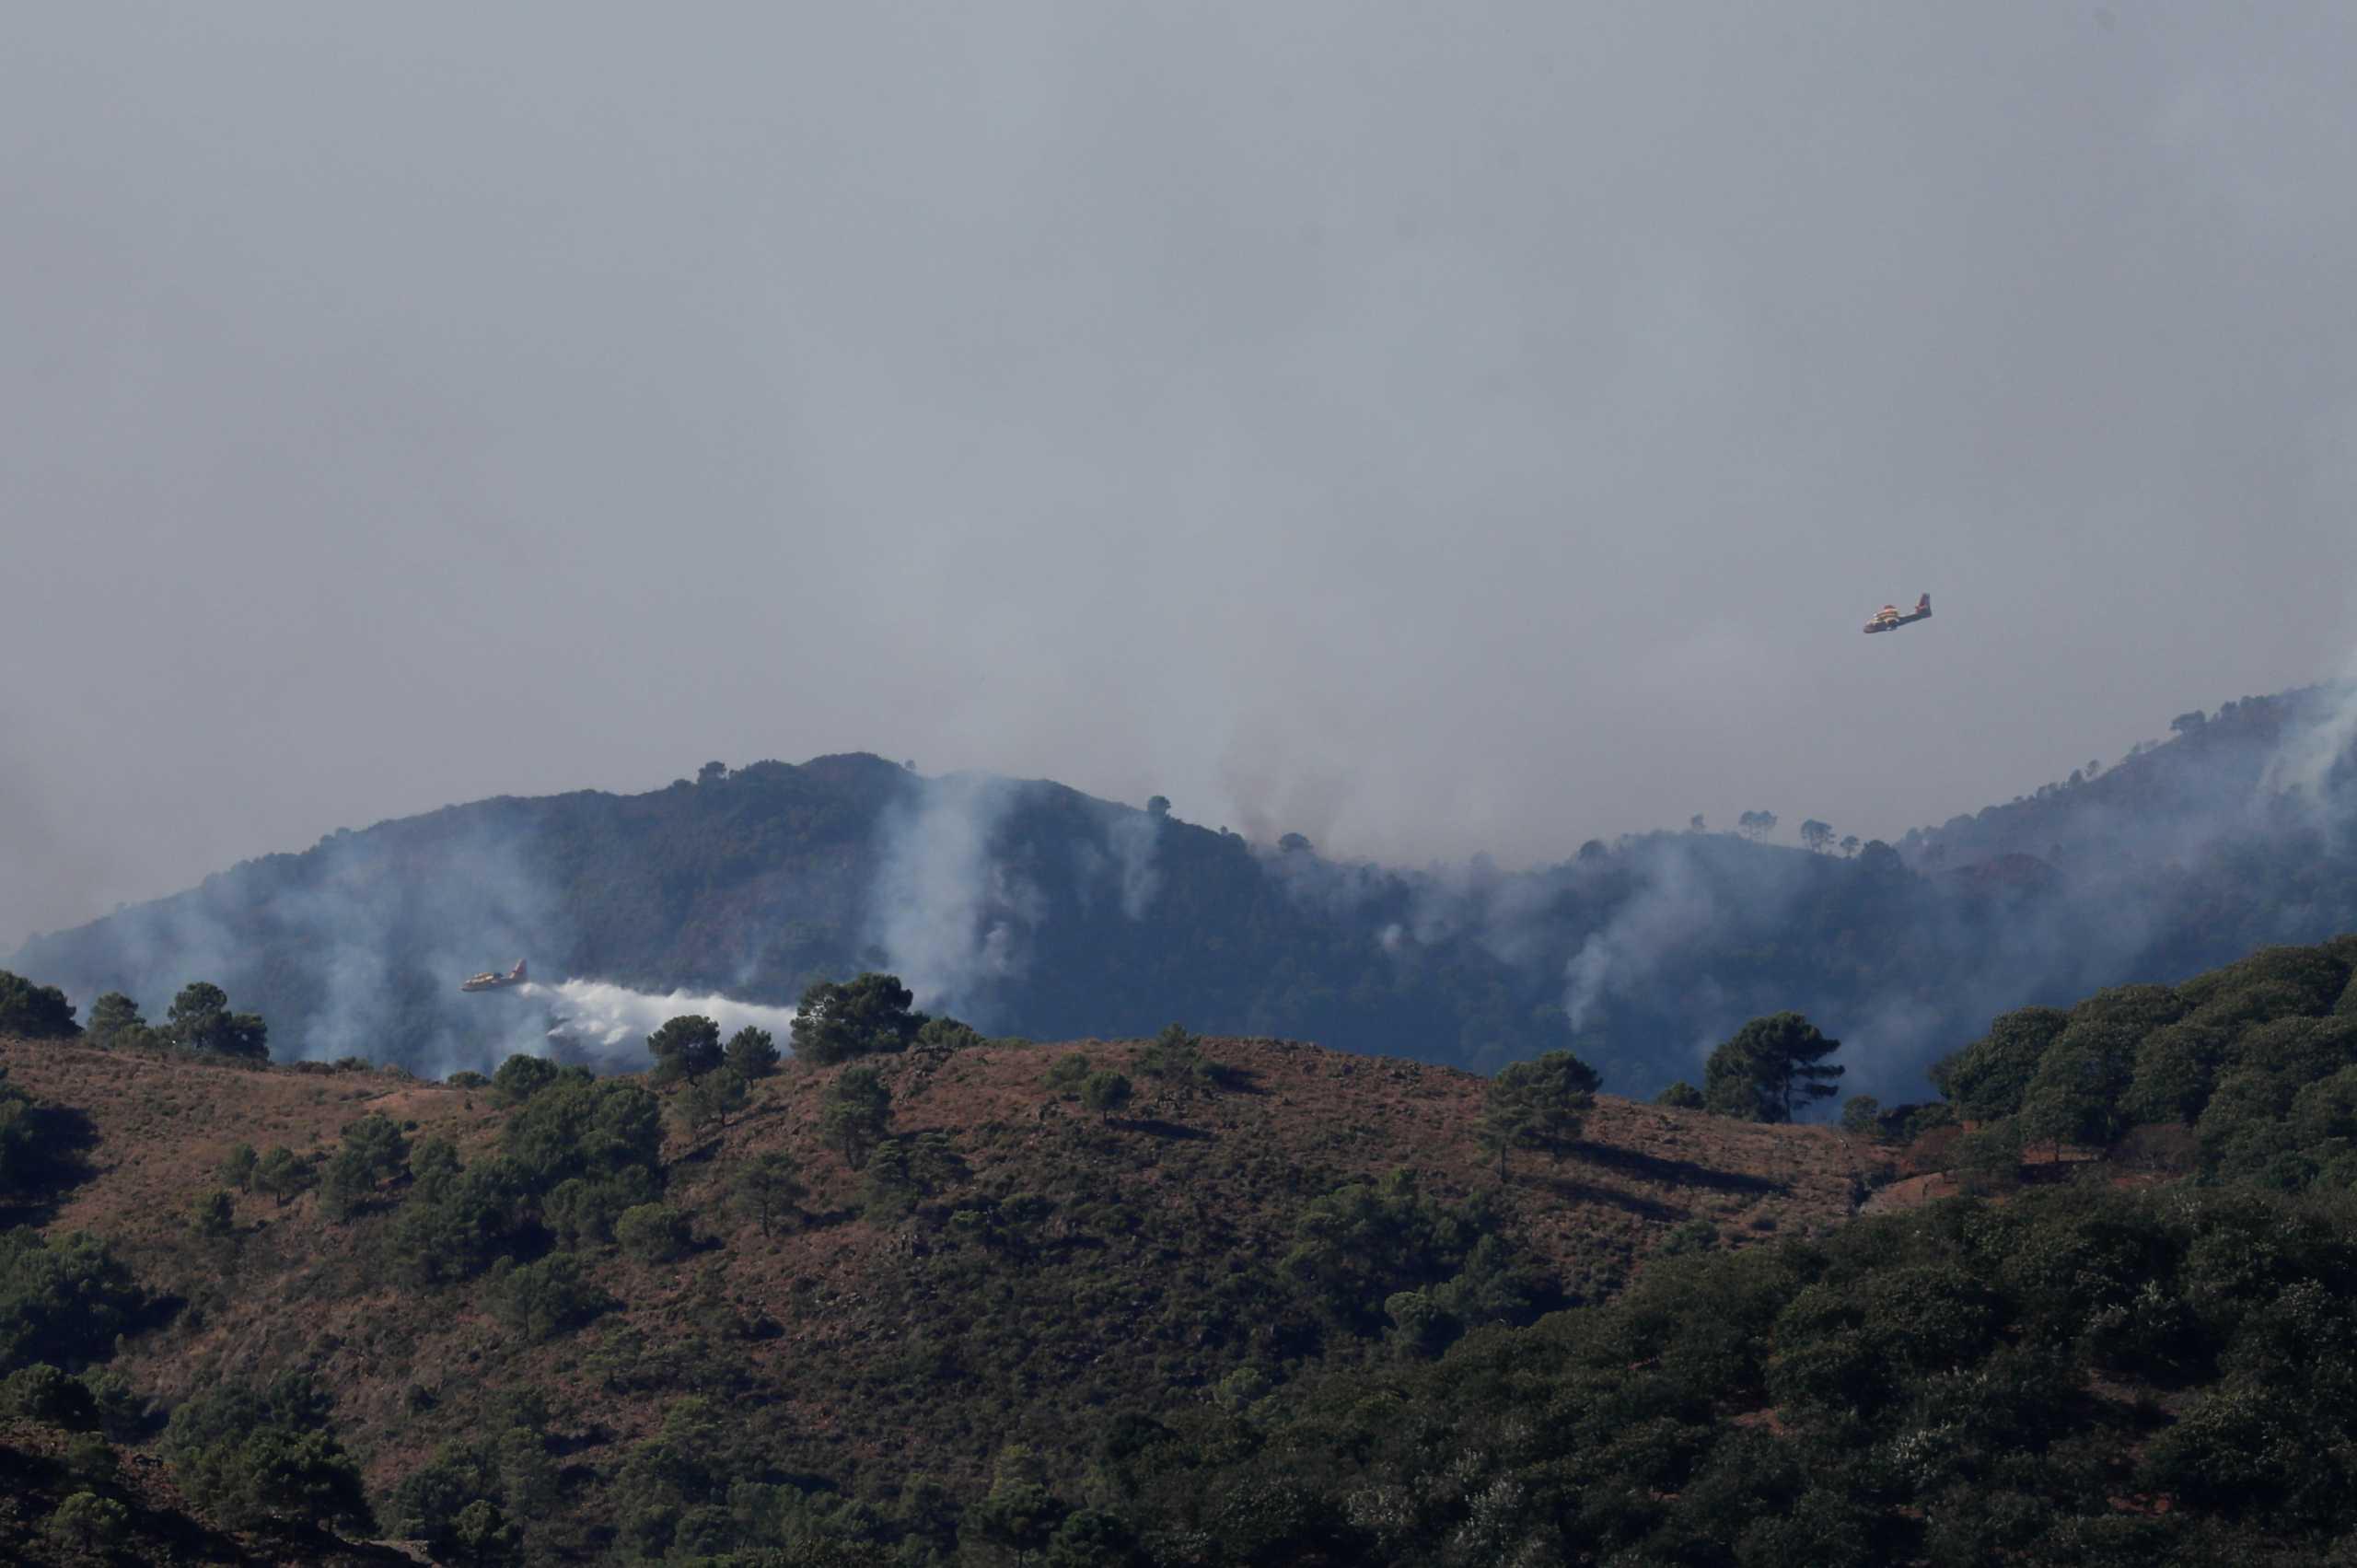 Ισπανία: Μαίνεται η φωτιά στη Μάλαγα – «Δεν αναμένεται να τεθεί υπό έλεγχο μέχρι αύριο»